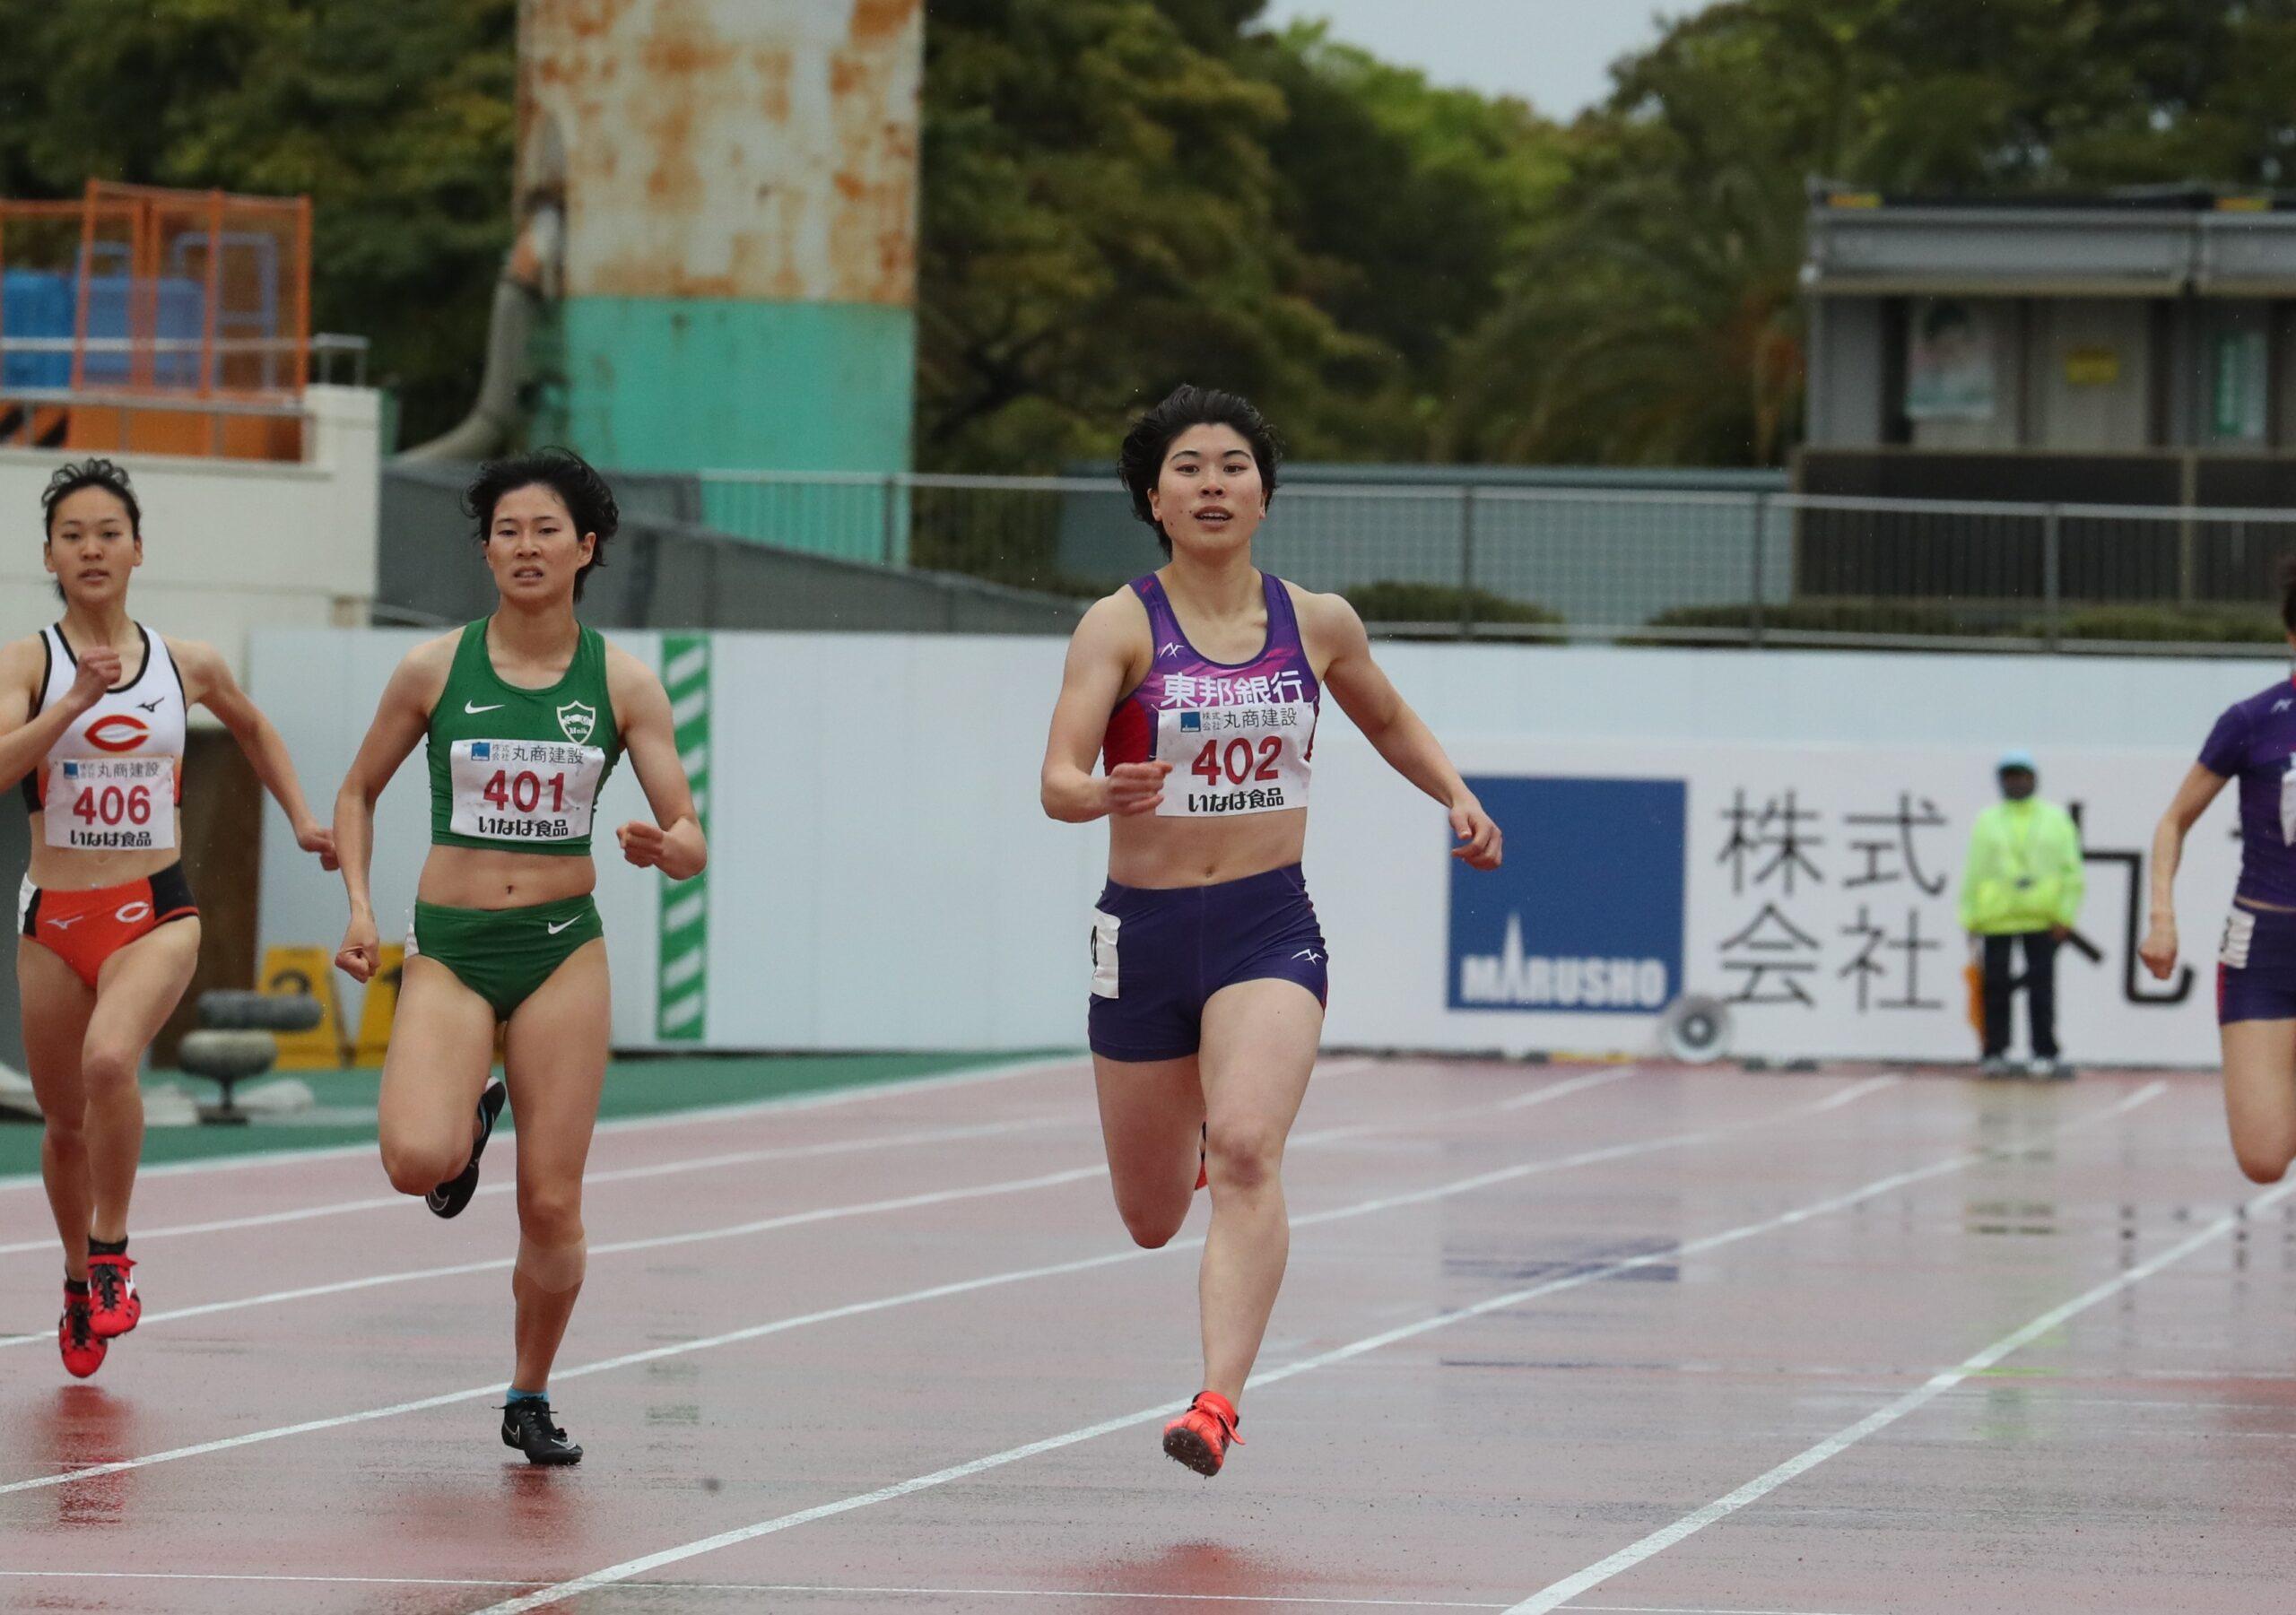 女子400mは松本奈菜子がトップ!青山聖佳は200m23秒台でマイルに弾み/世界リレートライアル